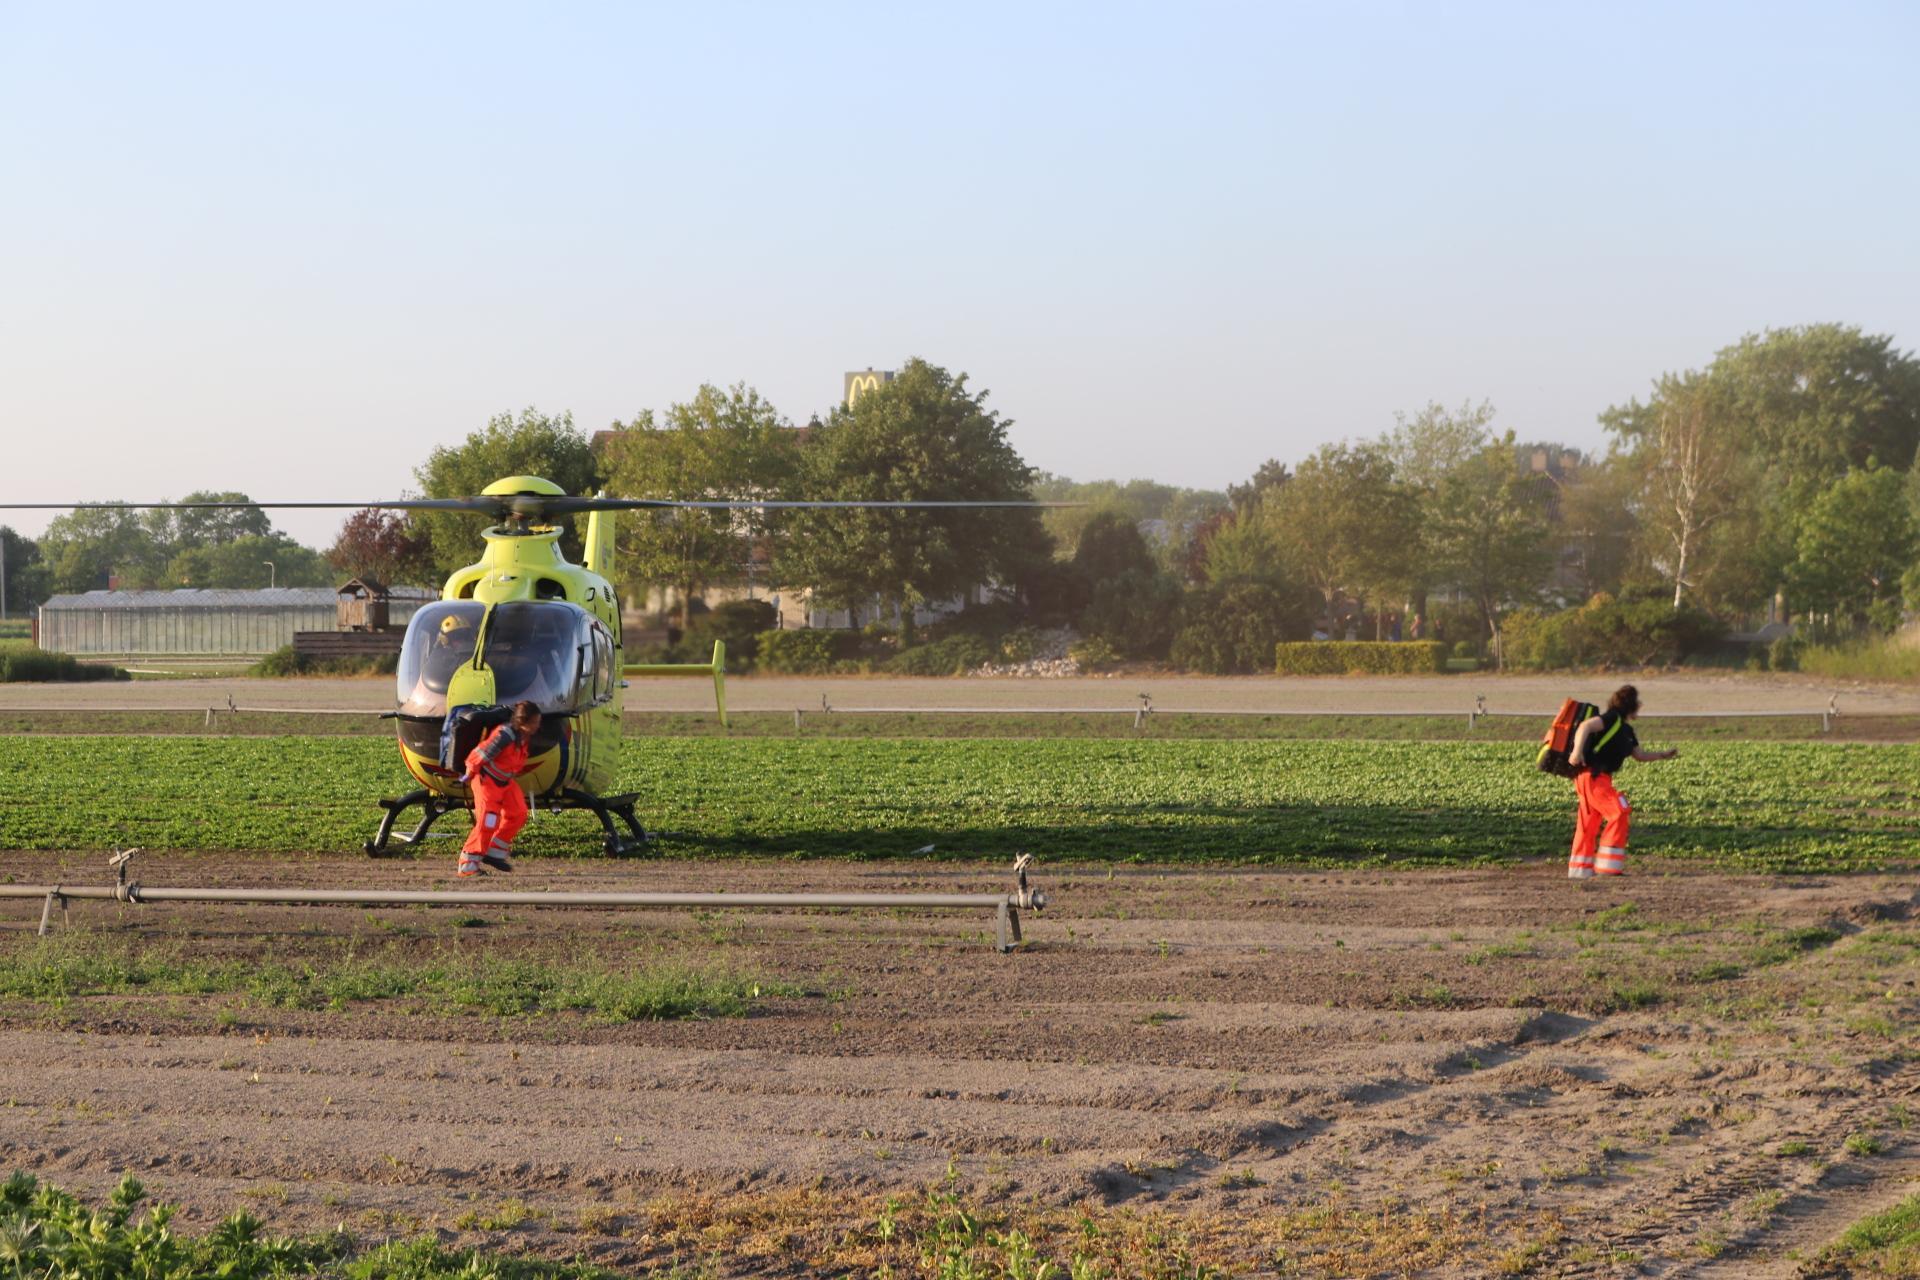 Scooterrijder zwaargewond bij ongeluk in Warmond, traumahelikopter ingezet